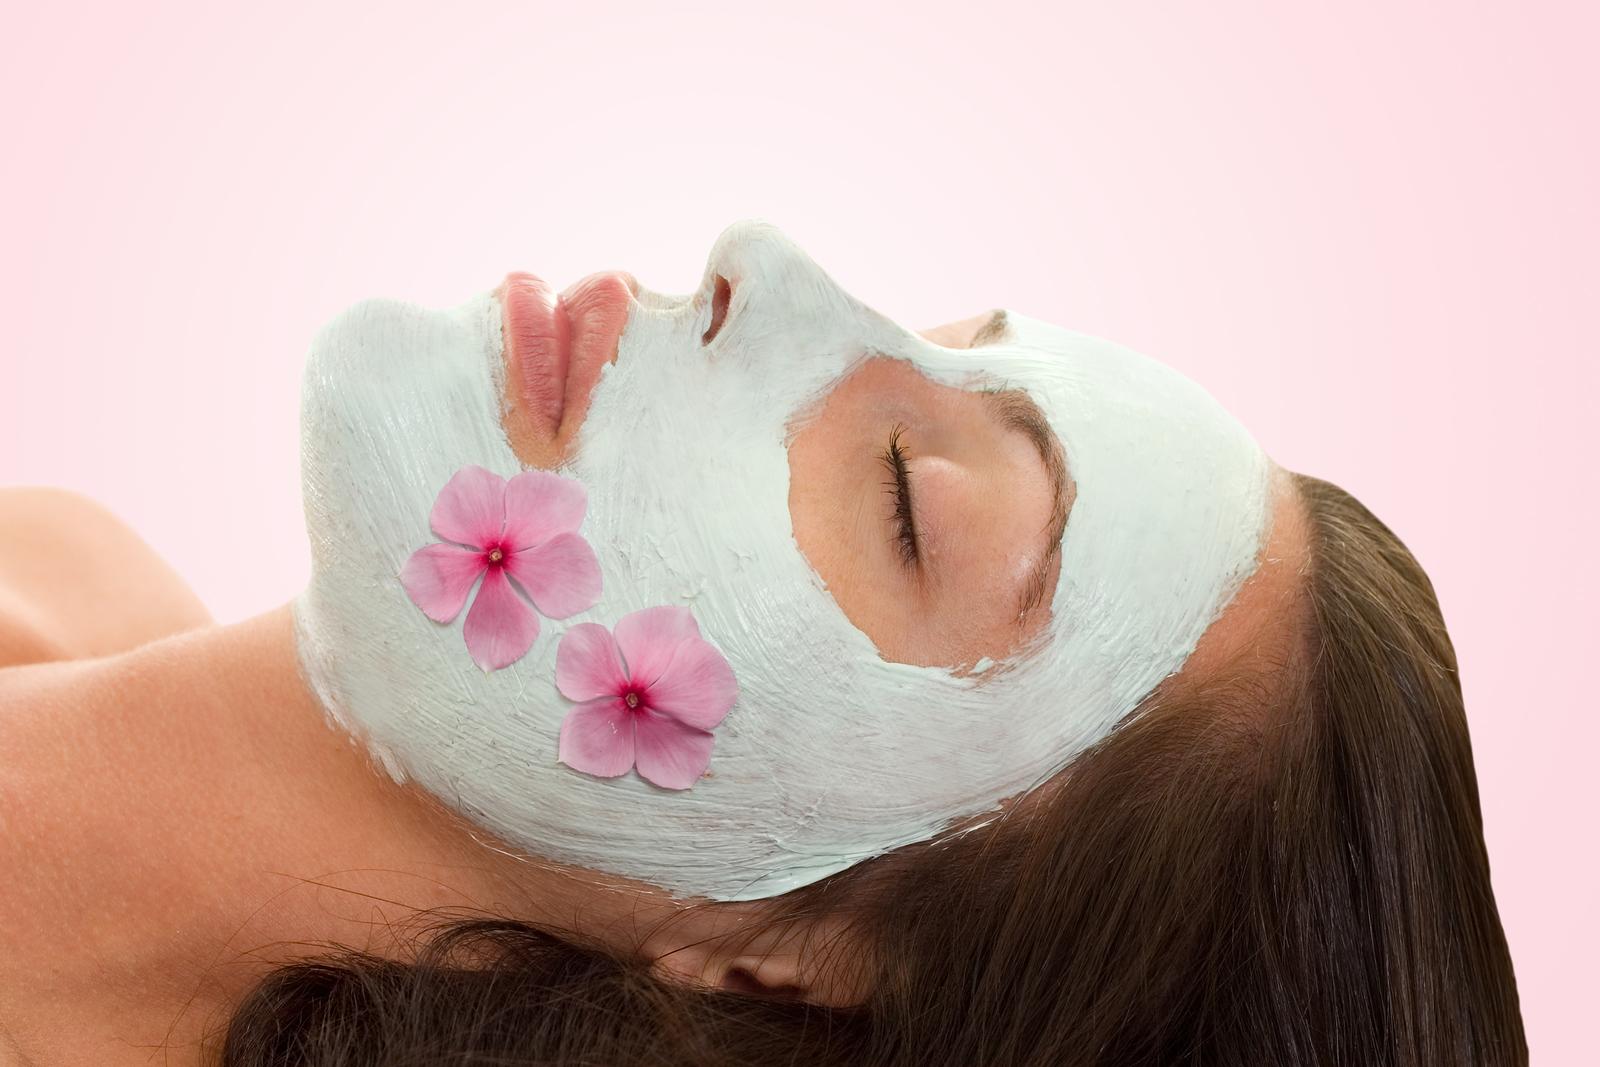 Le maschere per il viso low cost fai da te